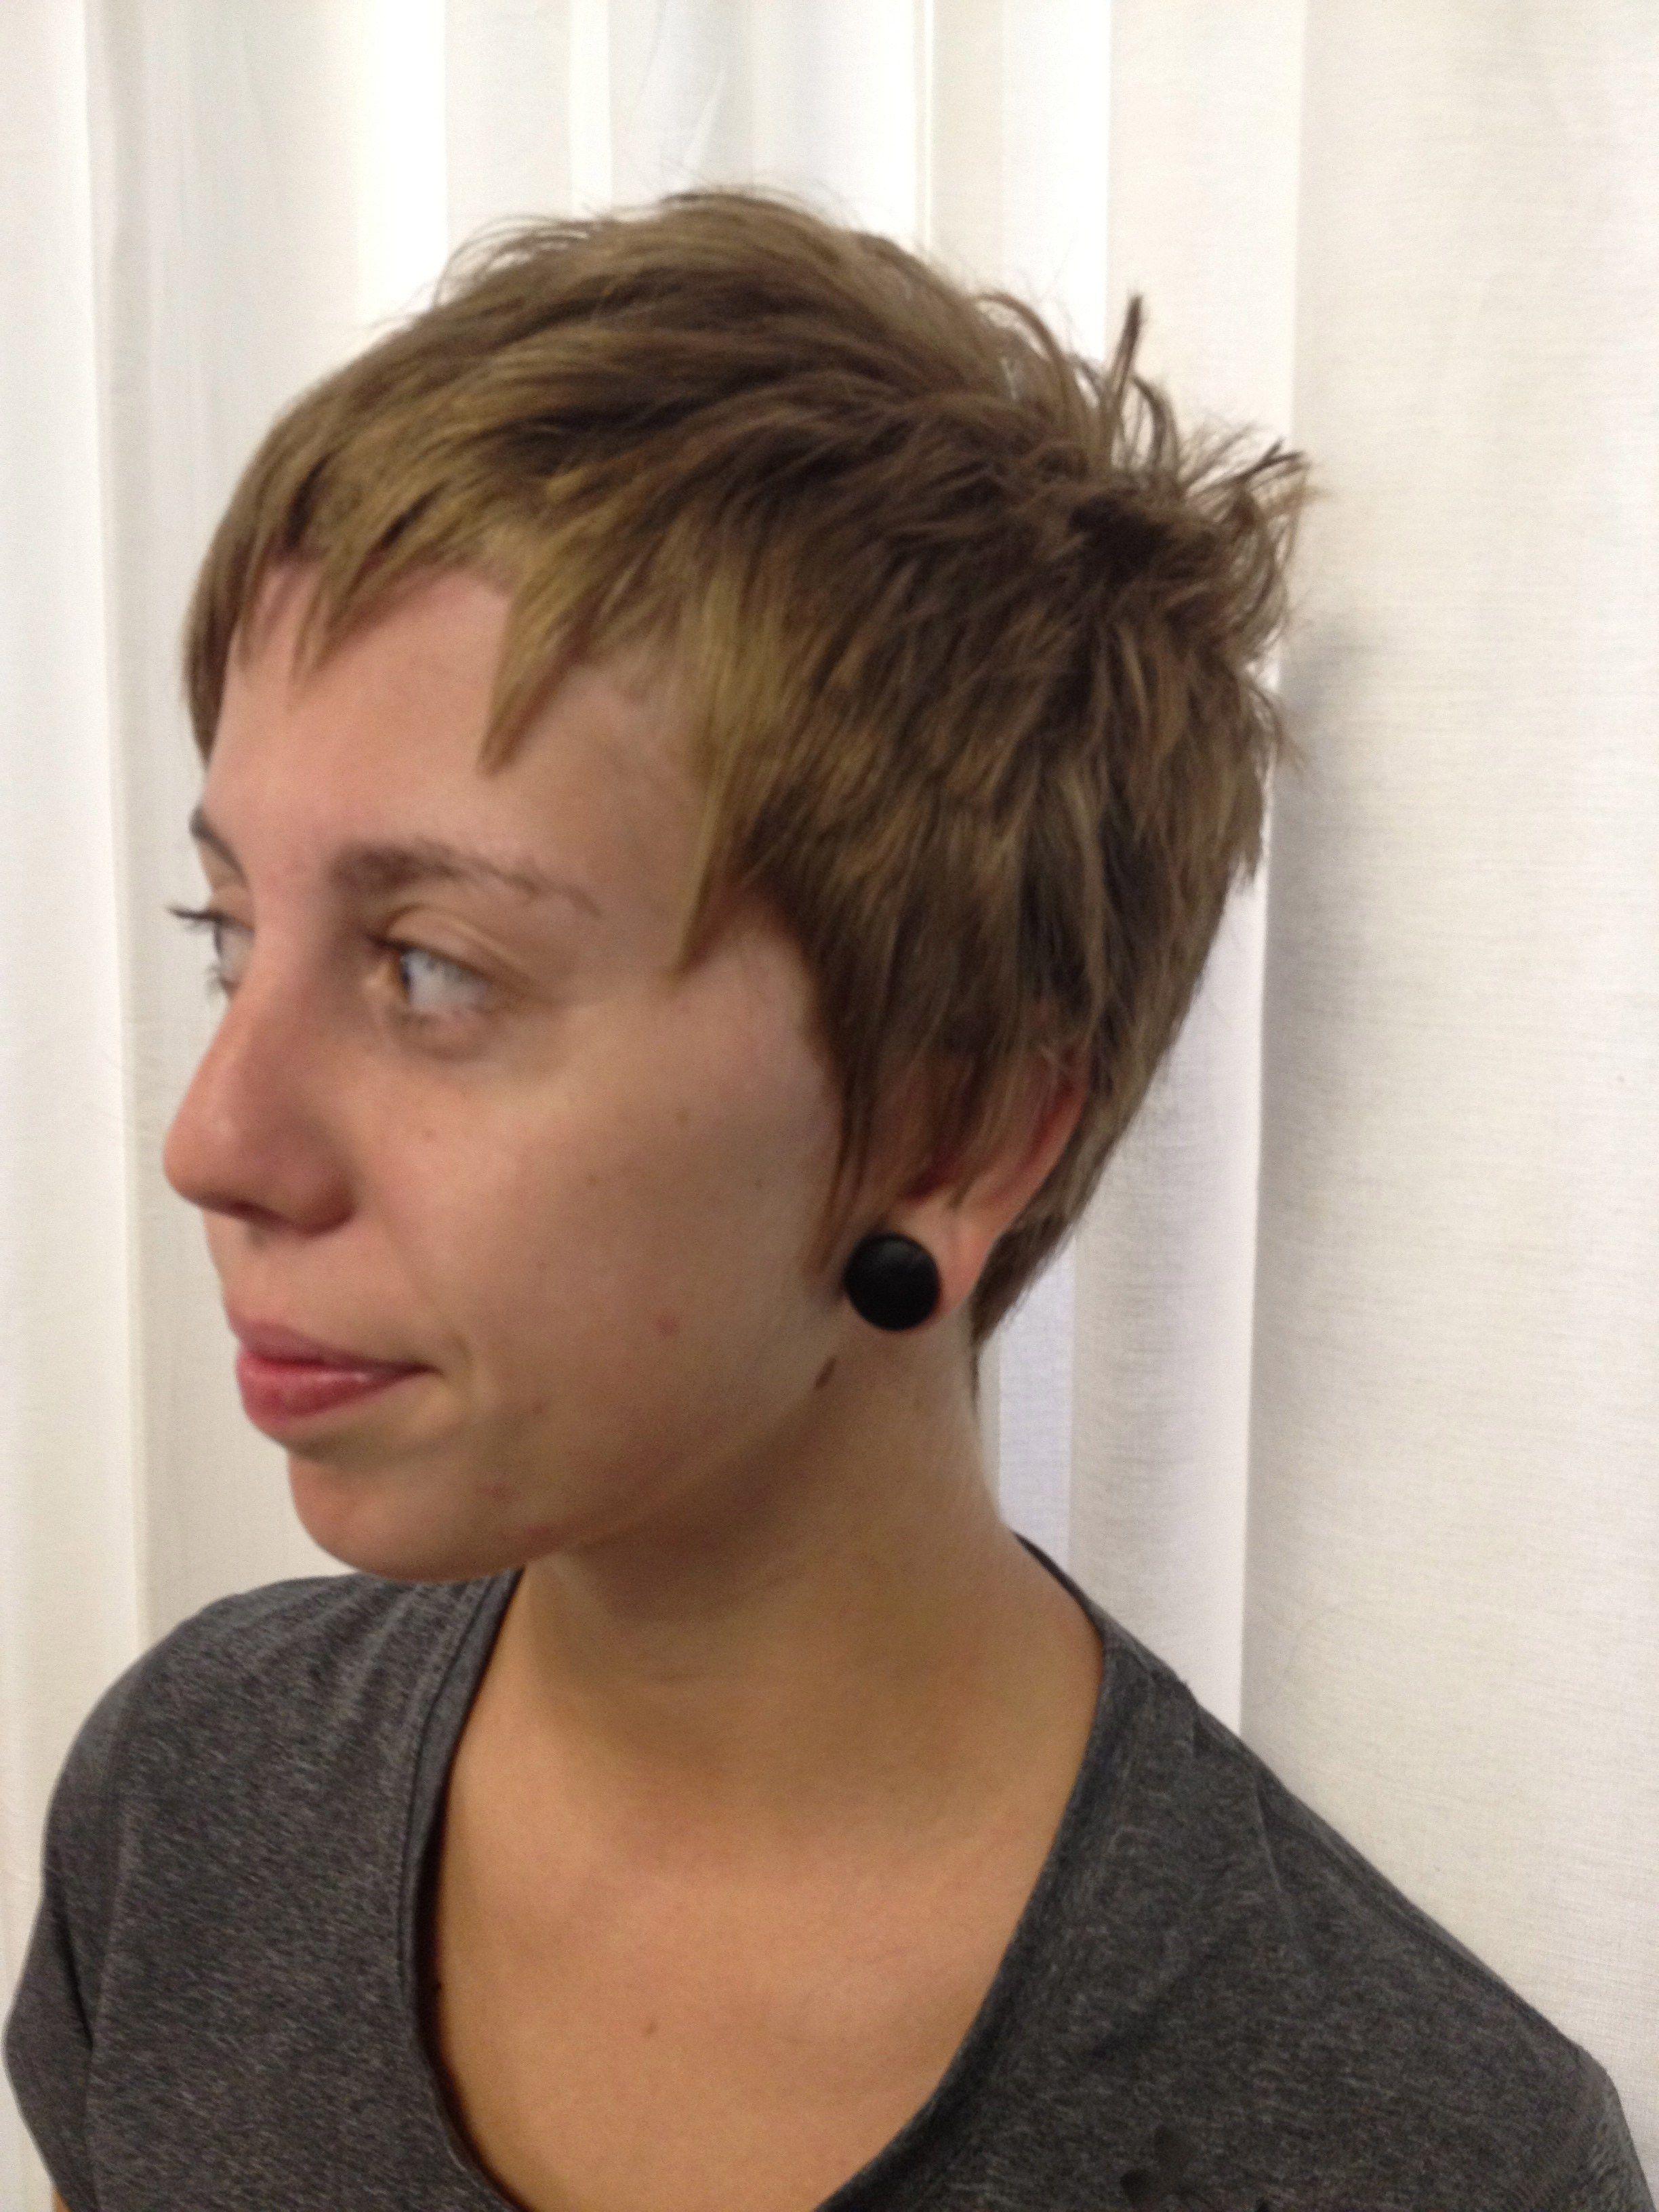 Schone Weibliche Kurze Frisuren Frisur Kurze Haare Madchen Haarschnitt Kurz Haare Kurz Schneiden